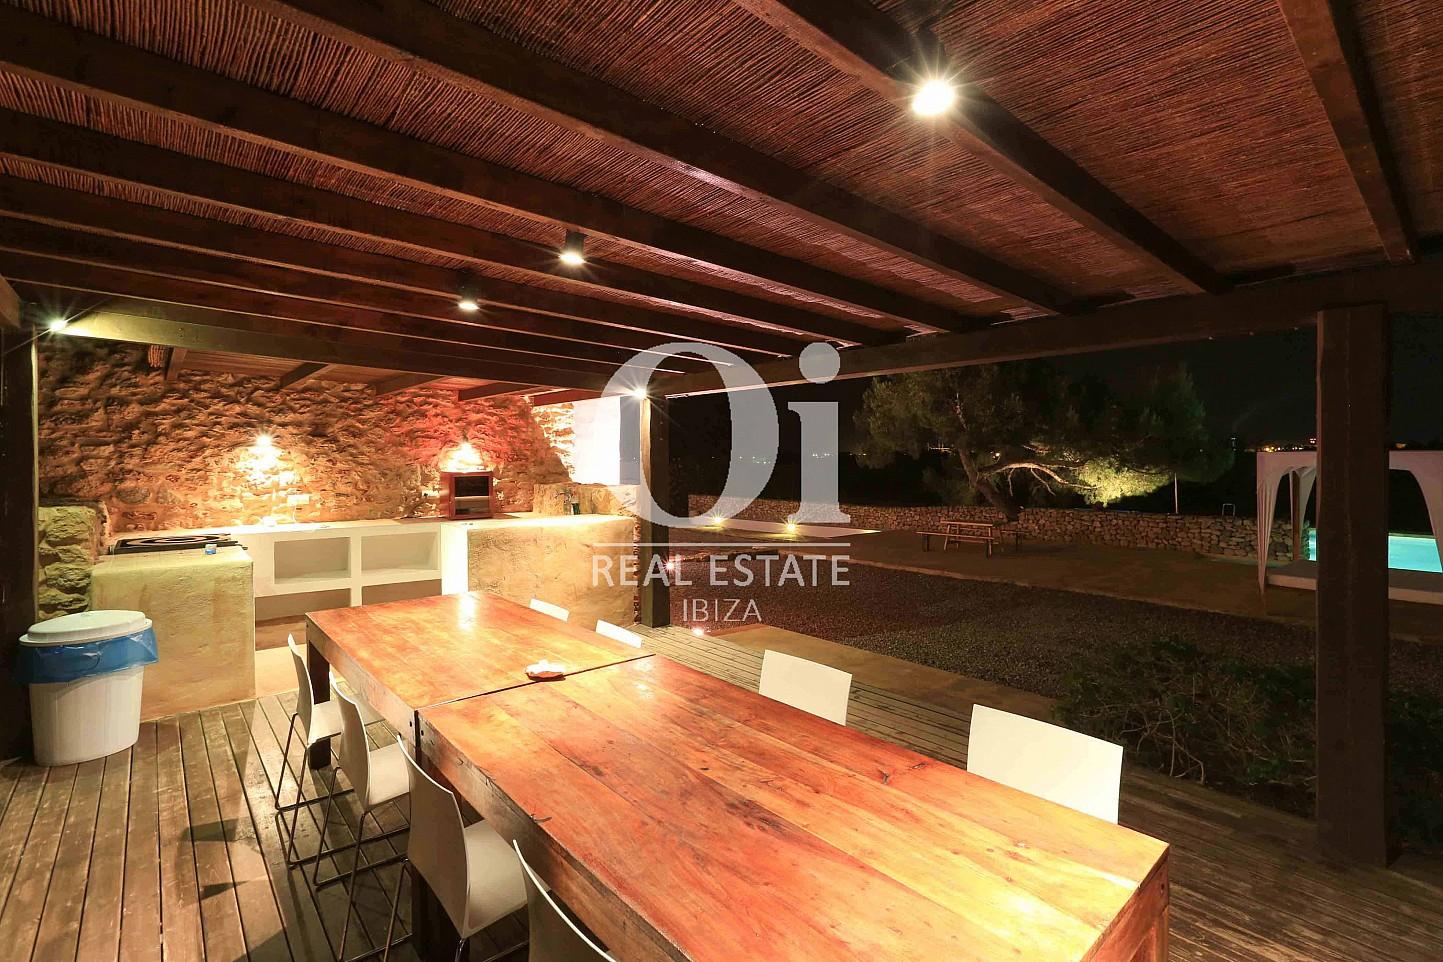 Comedor de verano de casa en alquiler de estancia en Puig d'en Valls, Ibiza